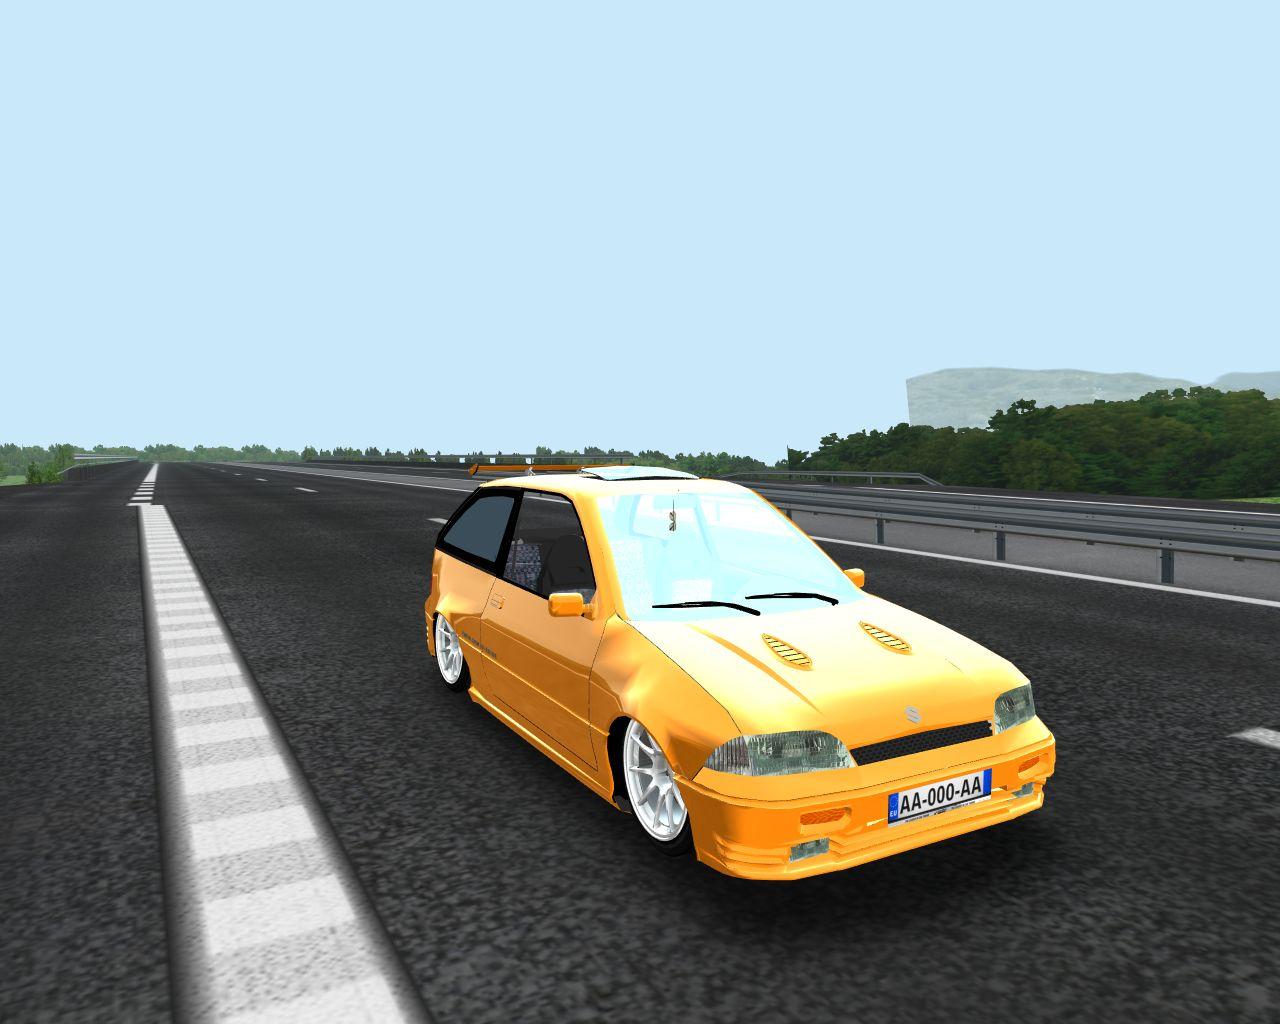 Suzuki Swift Mk2 GTi - Tracciontrasera